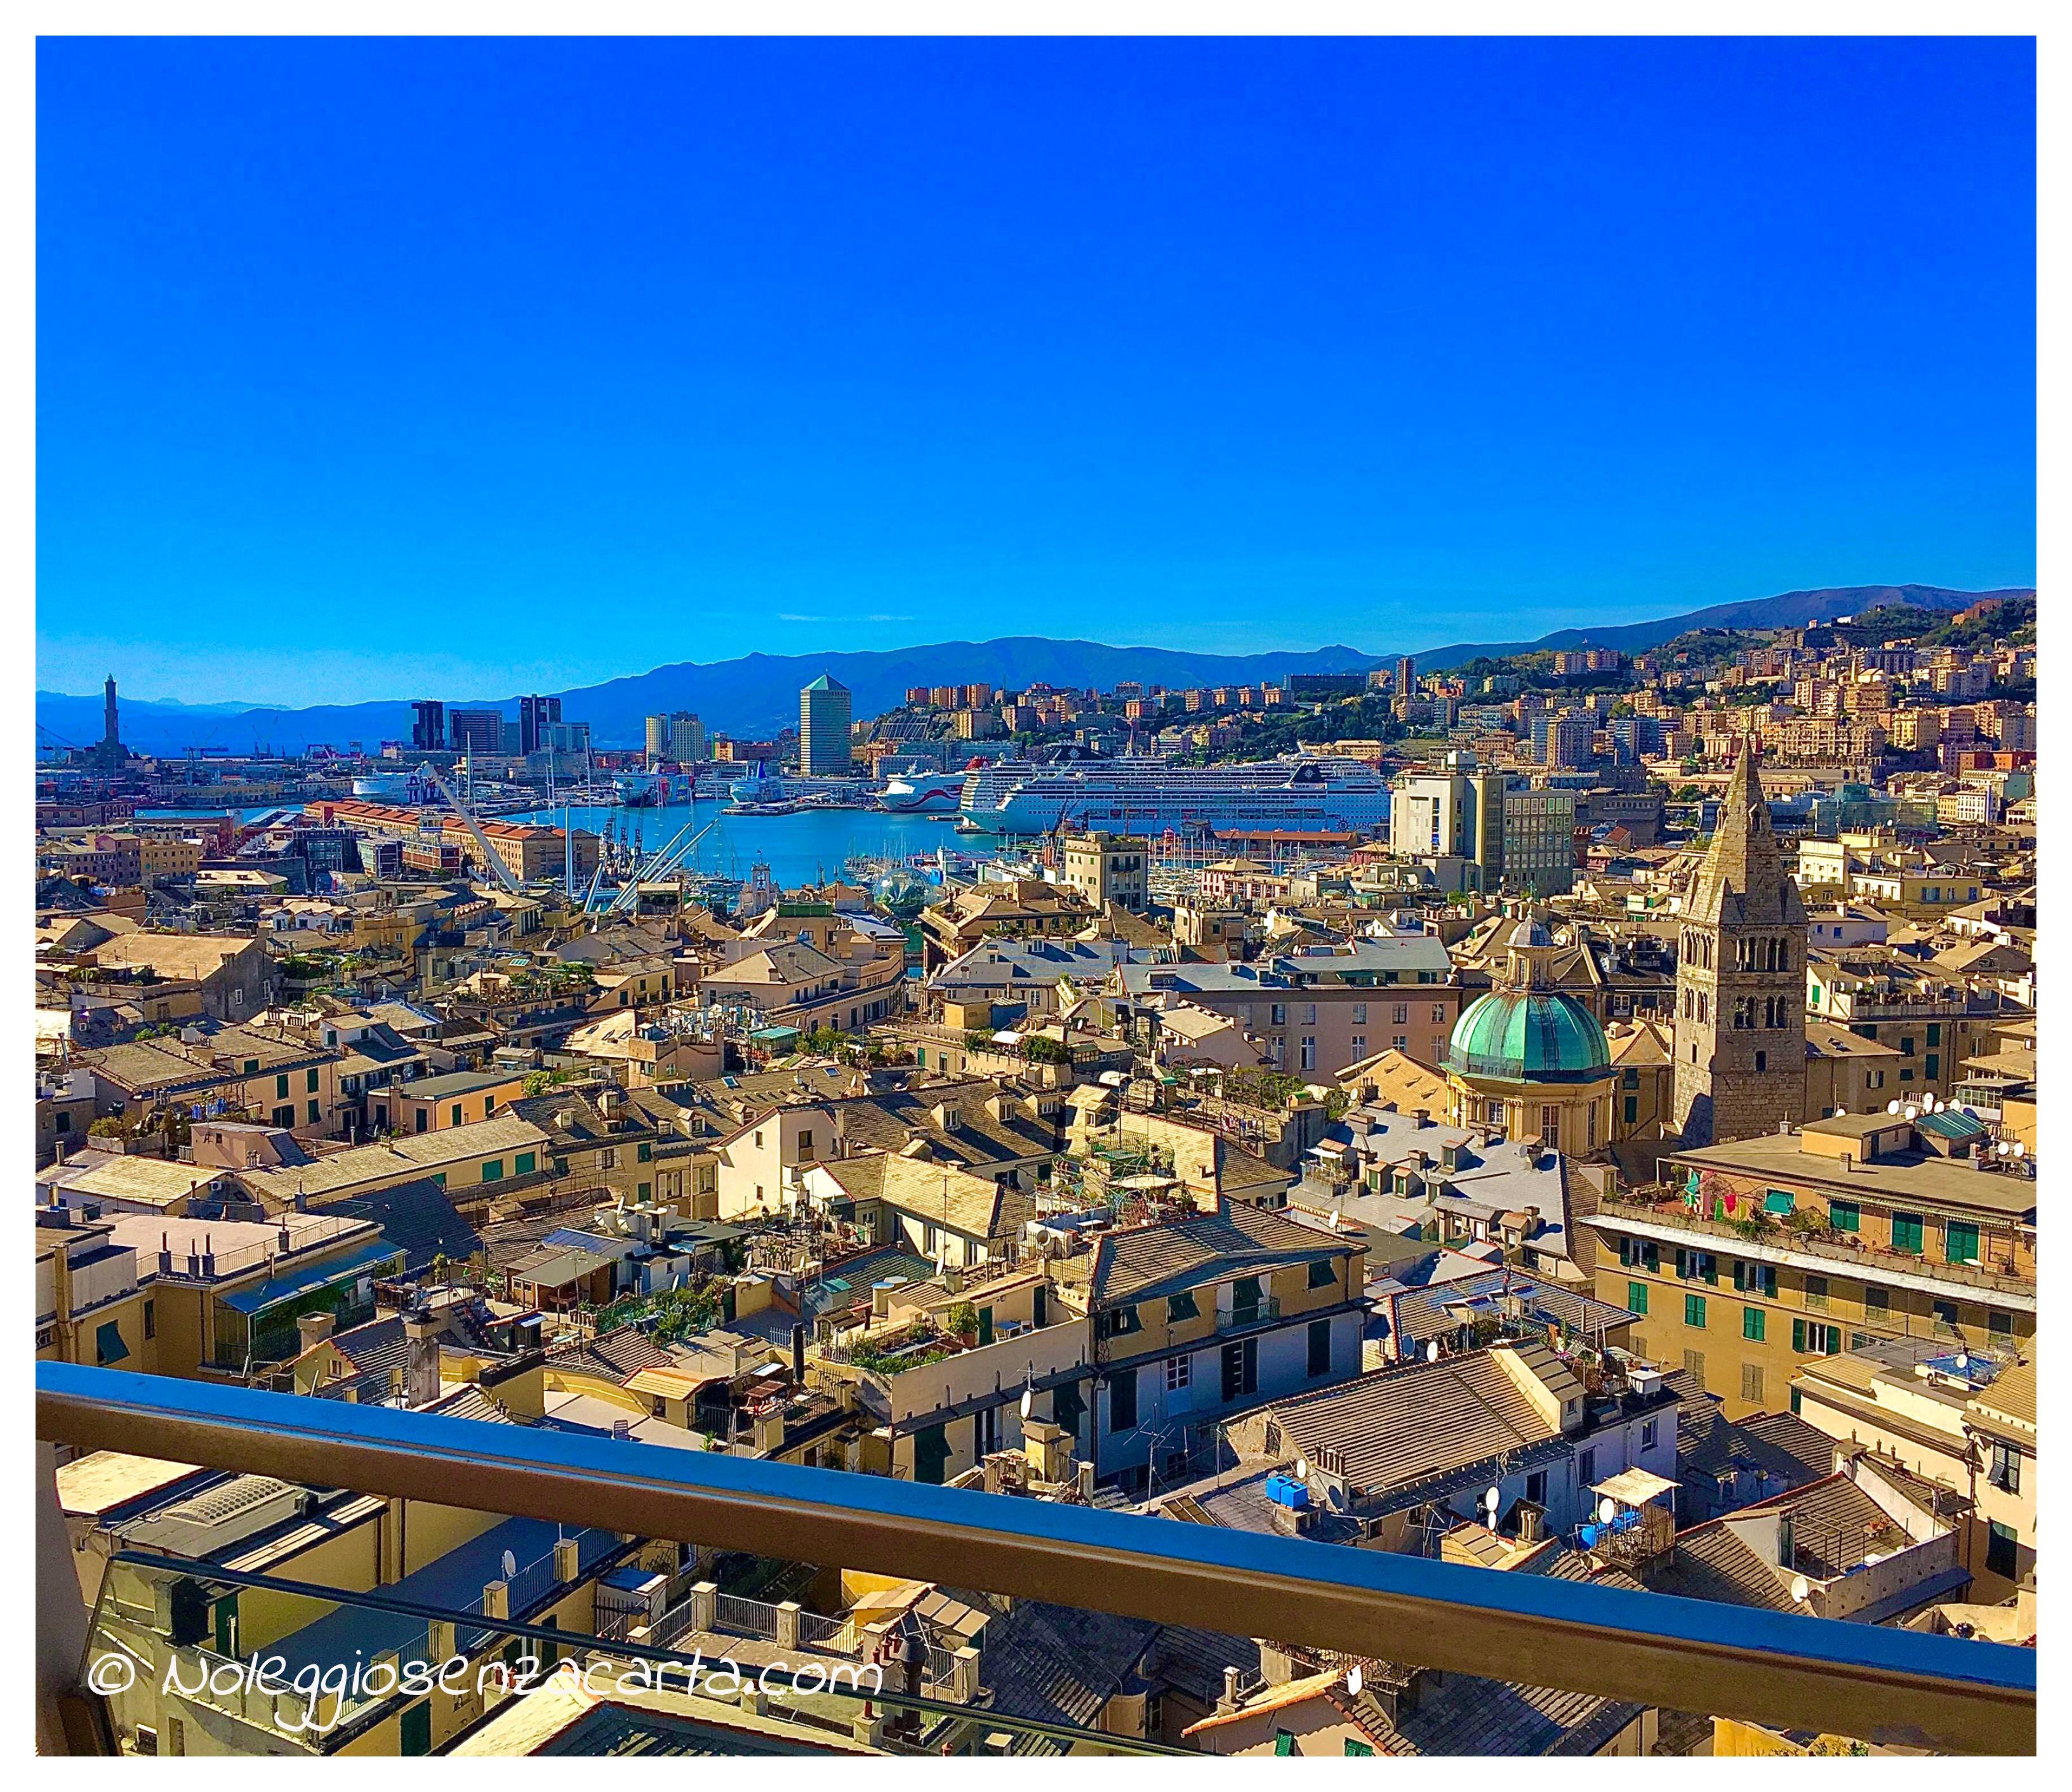 Noleggiare auto senza carta di credito a Genova